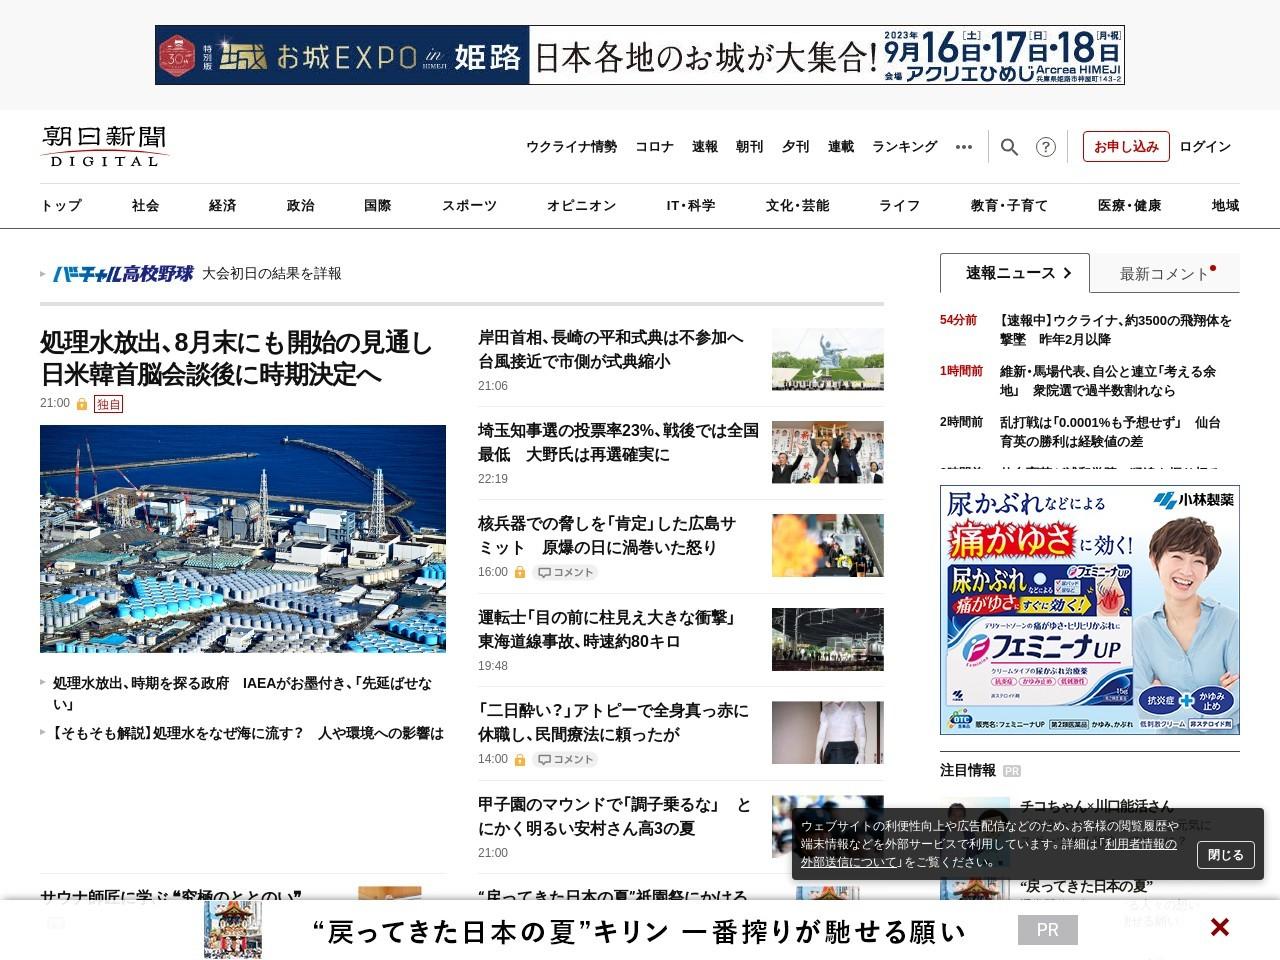 CDを売らない選択 「ニコニコ動画」双子JK踊り手だった「あすきょう」が専用アプリのみで楽曲配信